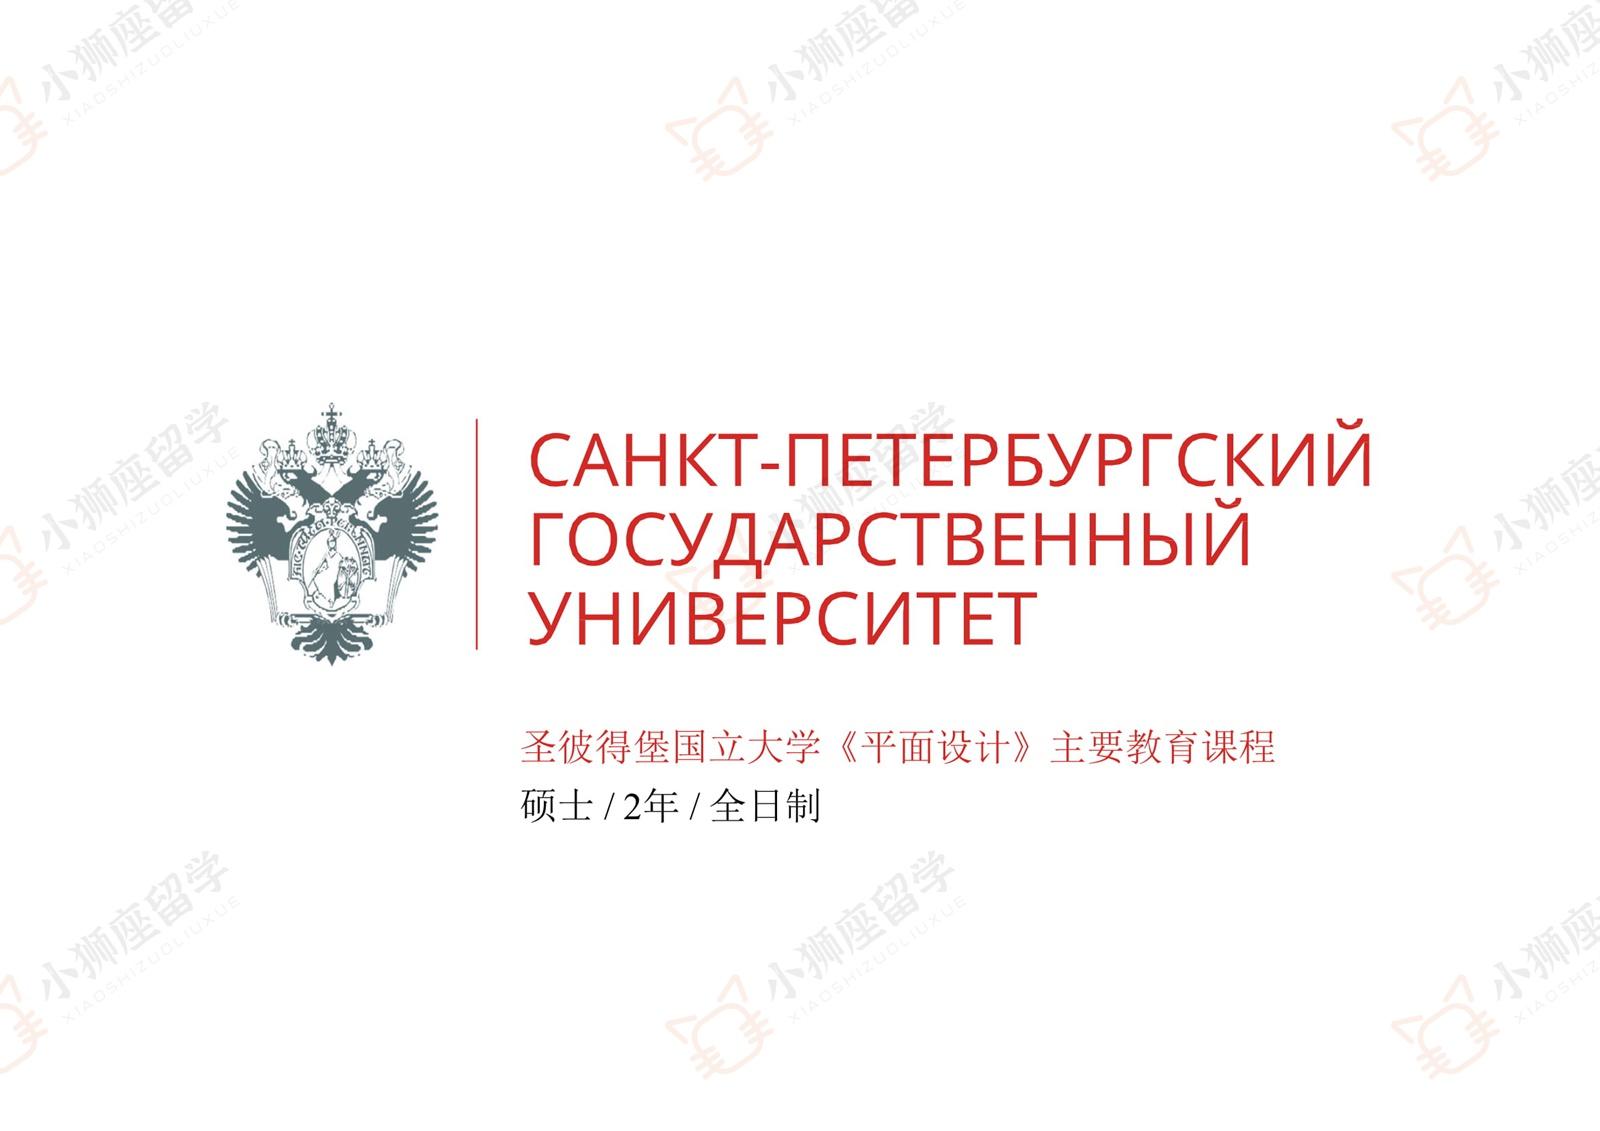 圣彼得堡国立大学《平面设计》硕士研究生方向介绍!插图2-小狮座俄罗斯留学